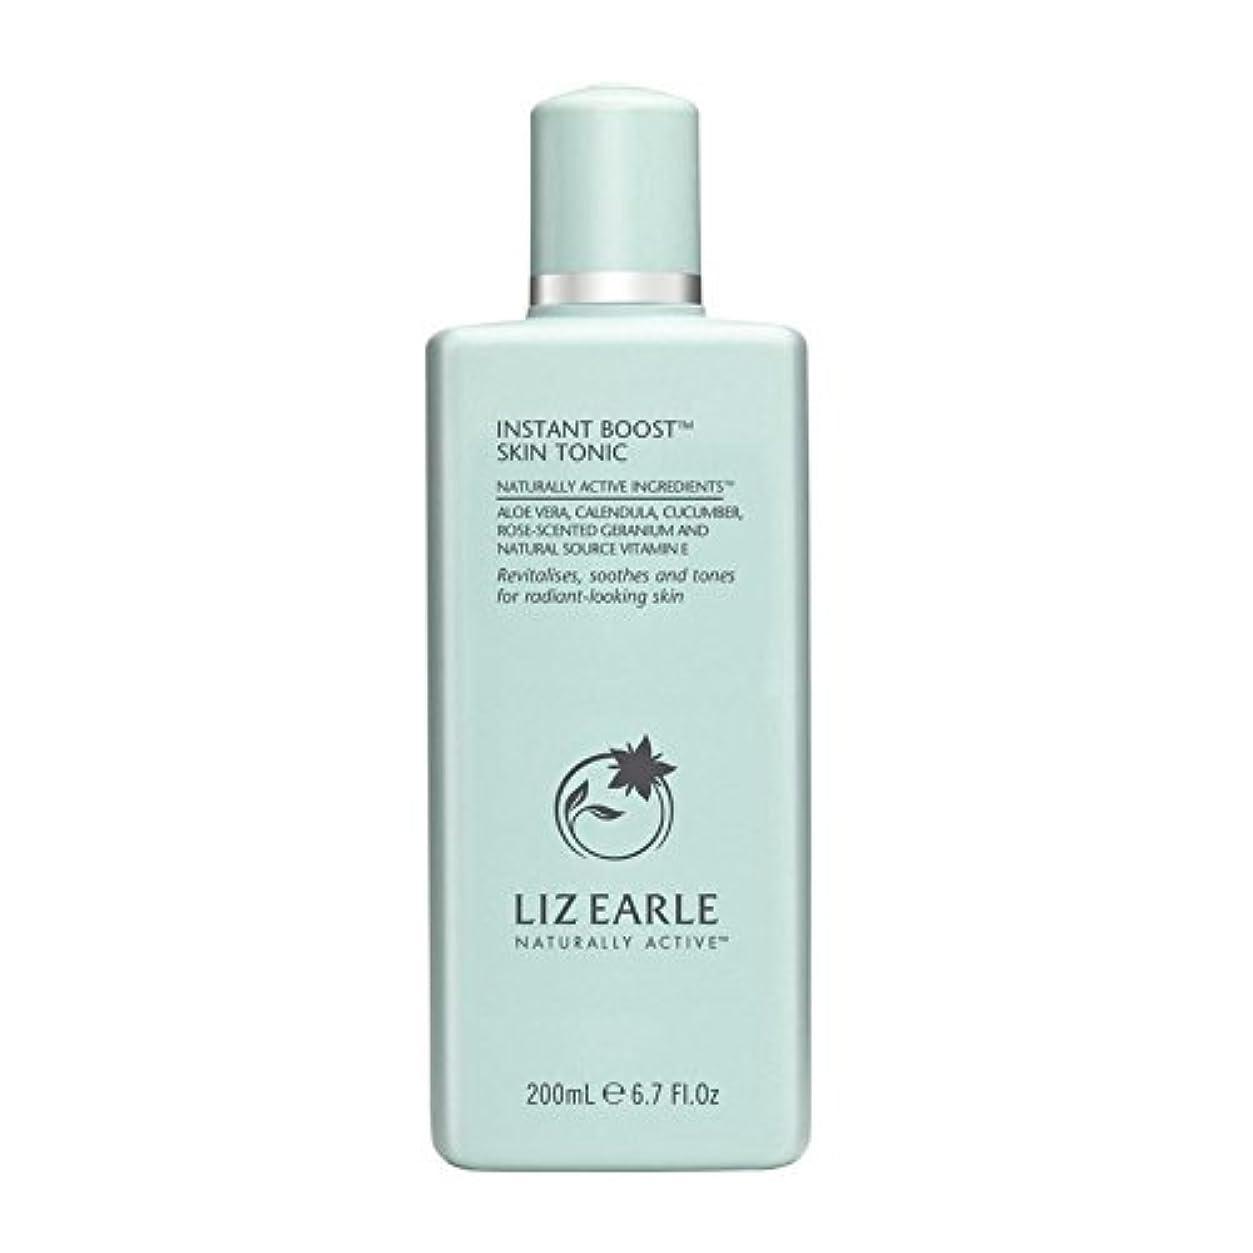 パスタ同情的サイズLiz Earle Instant Boost Skin Tonic Bottle 200ml (Pack of 6) - リズアールインスタントブーストスキントニックボトル200ミリリットル x6 [並行輸入品]